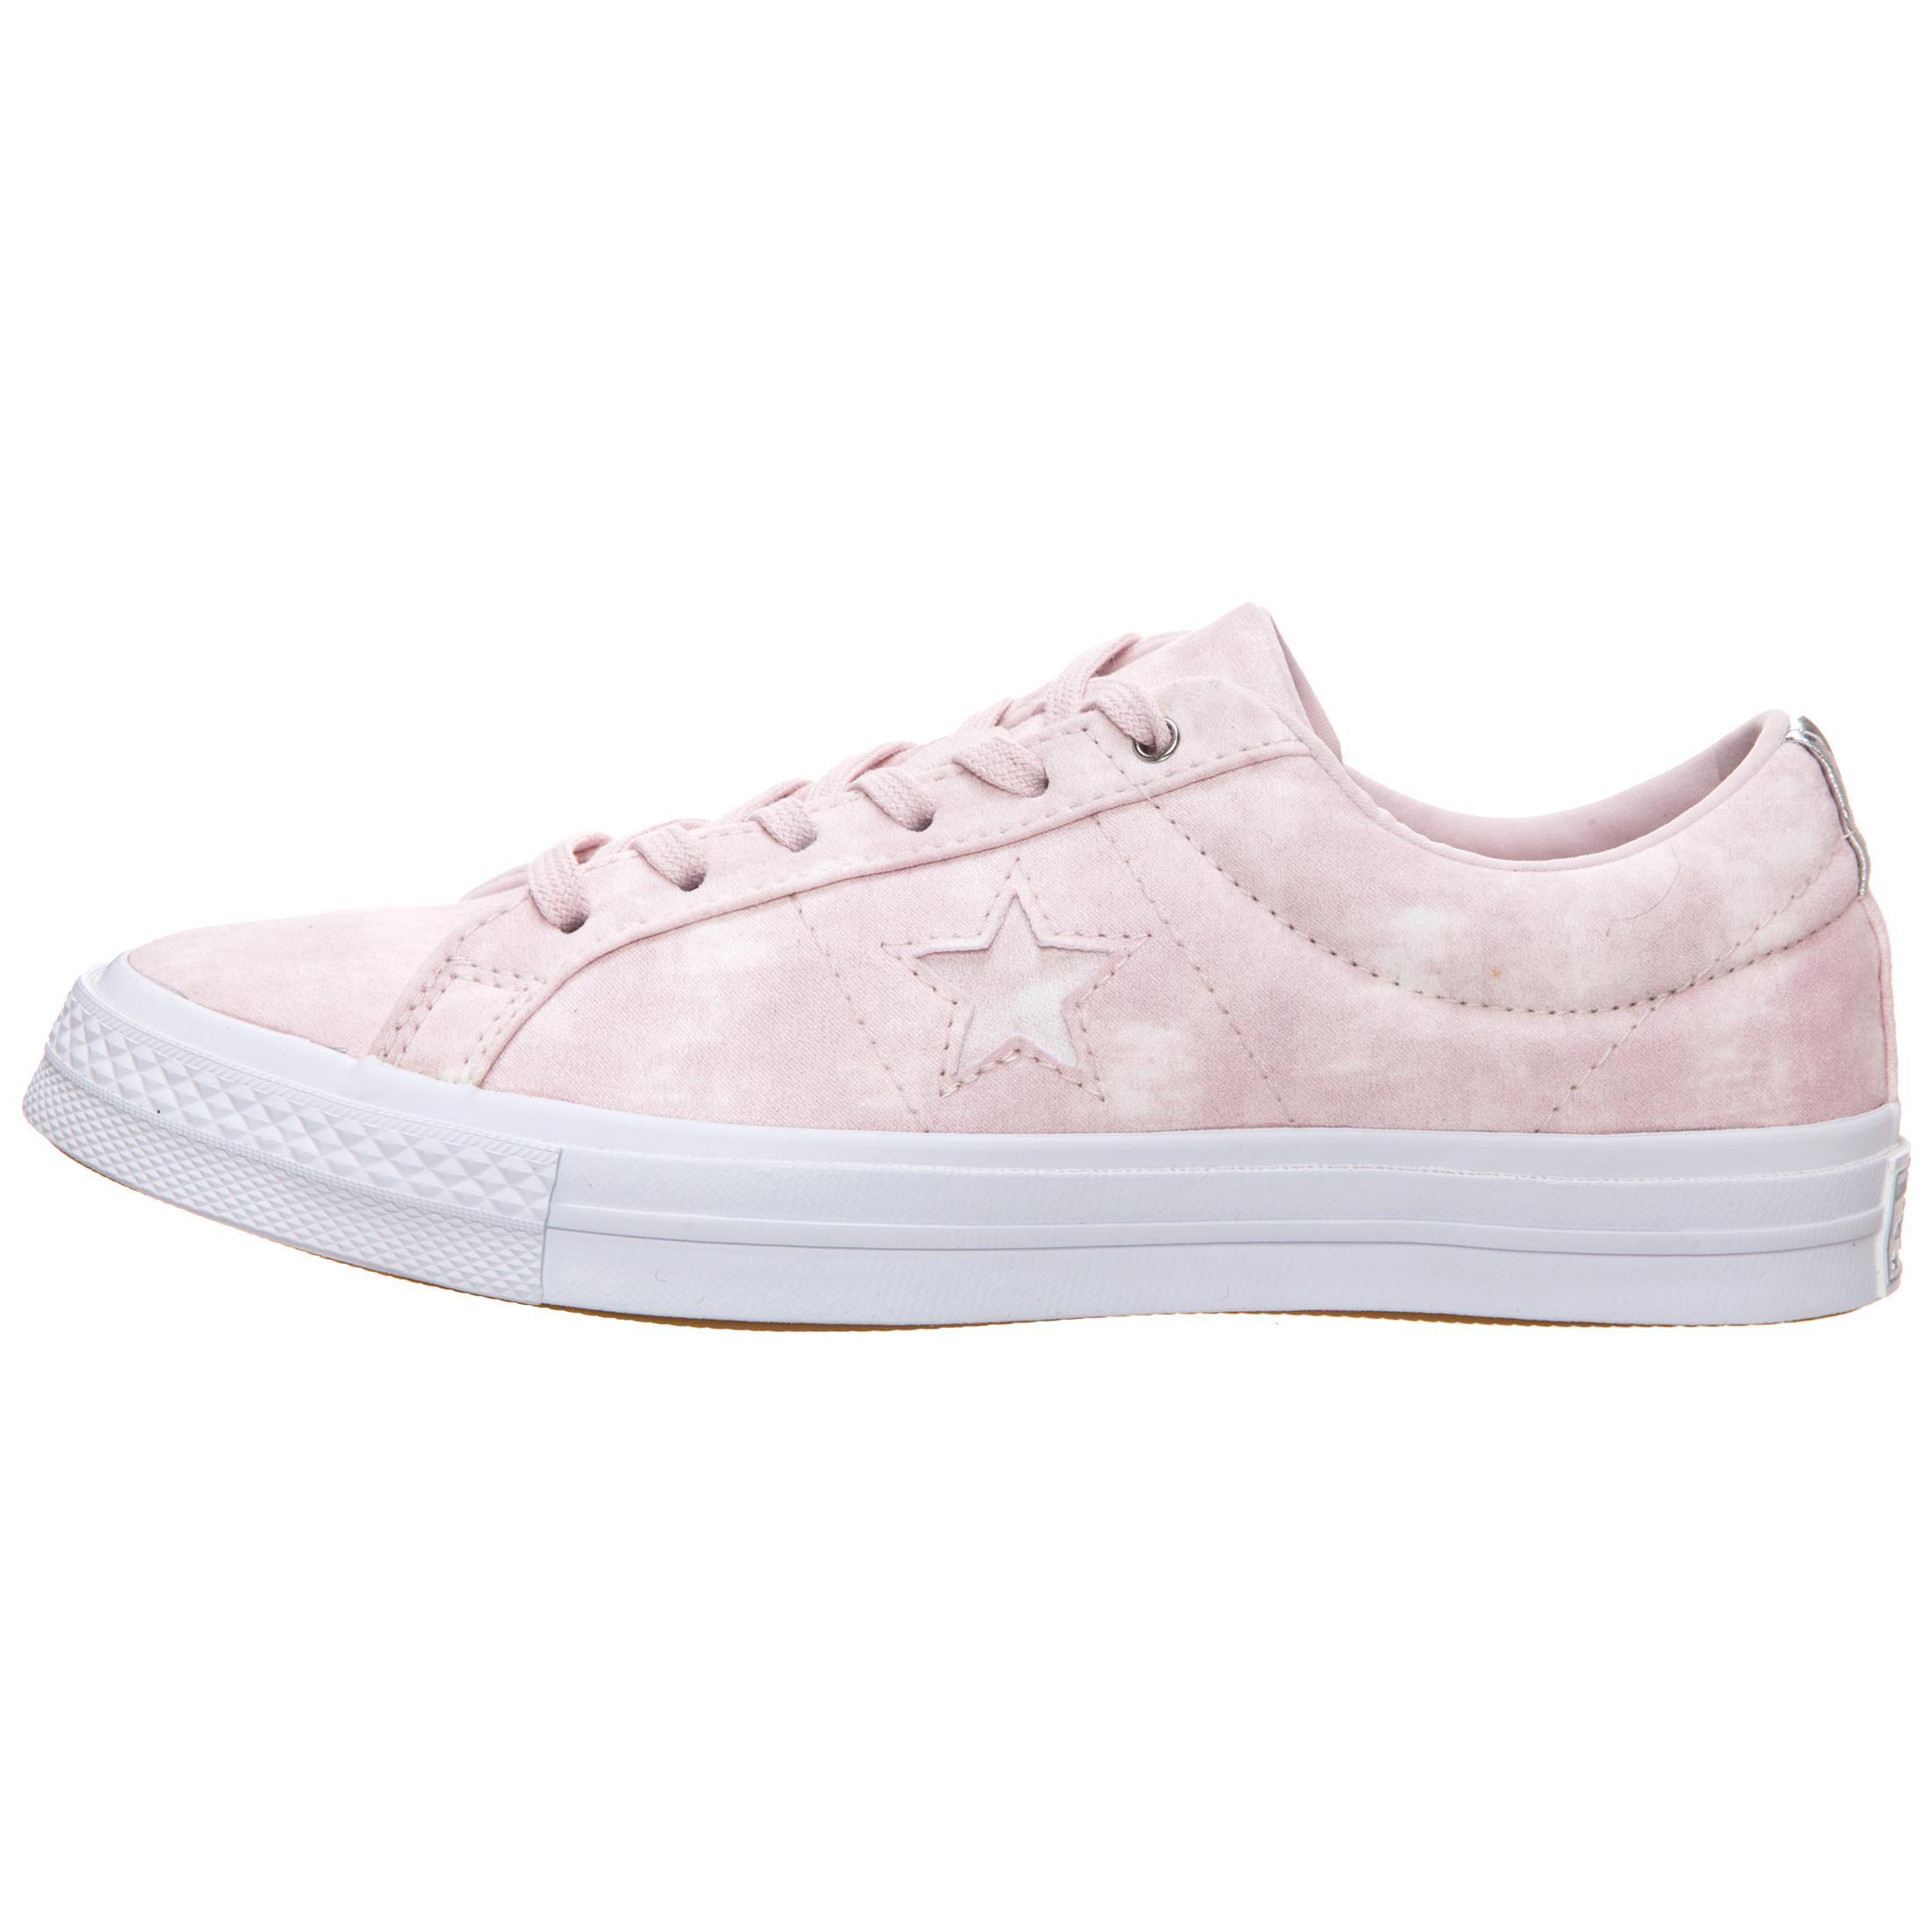 CONVERSE Cons One Star Peached Wash Turnschuhe Damen Damen Damen Rosa   silber im Online Shop von SportScheck kaufen Gute Qualität beliebte Schuhe bff13a